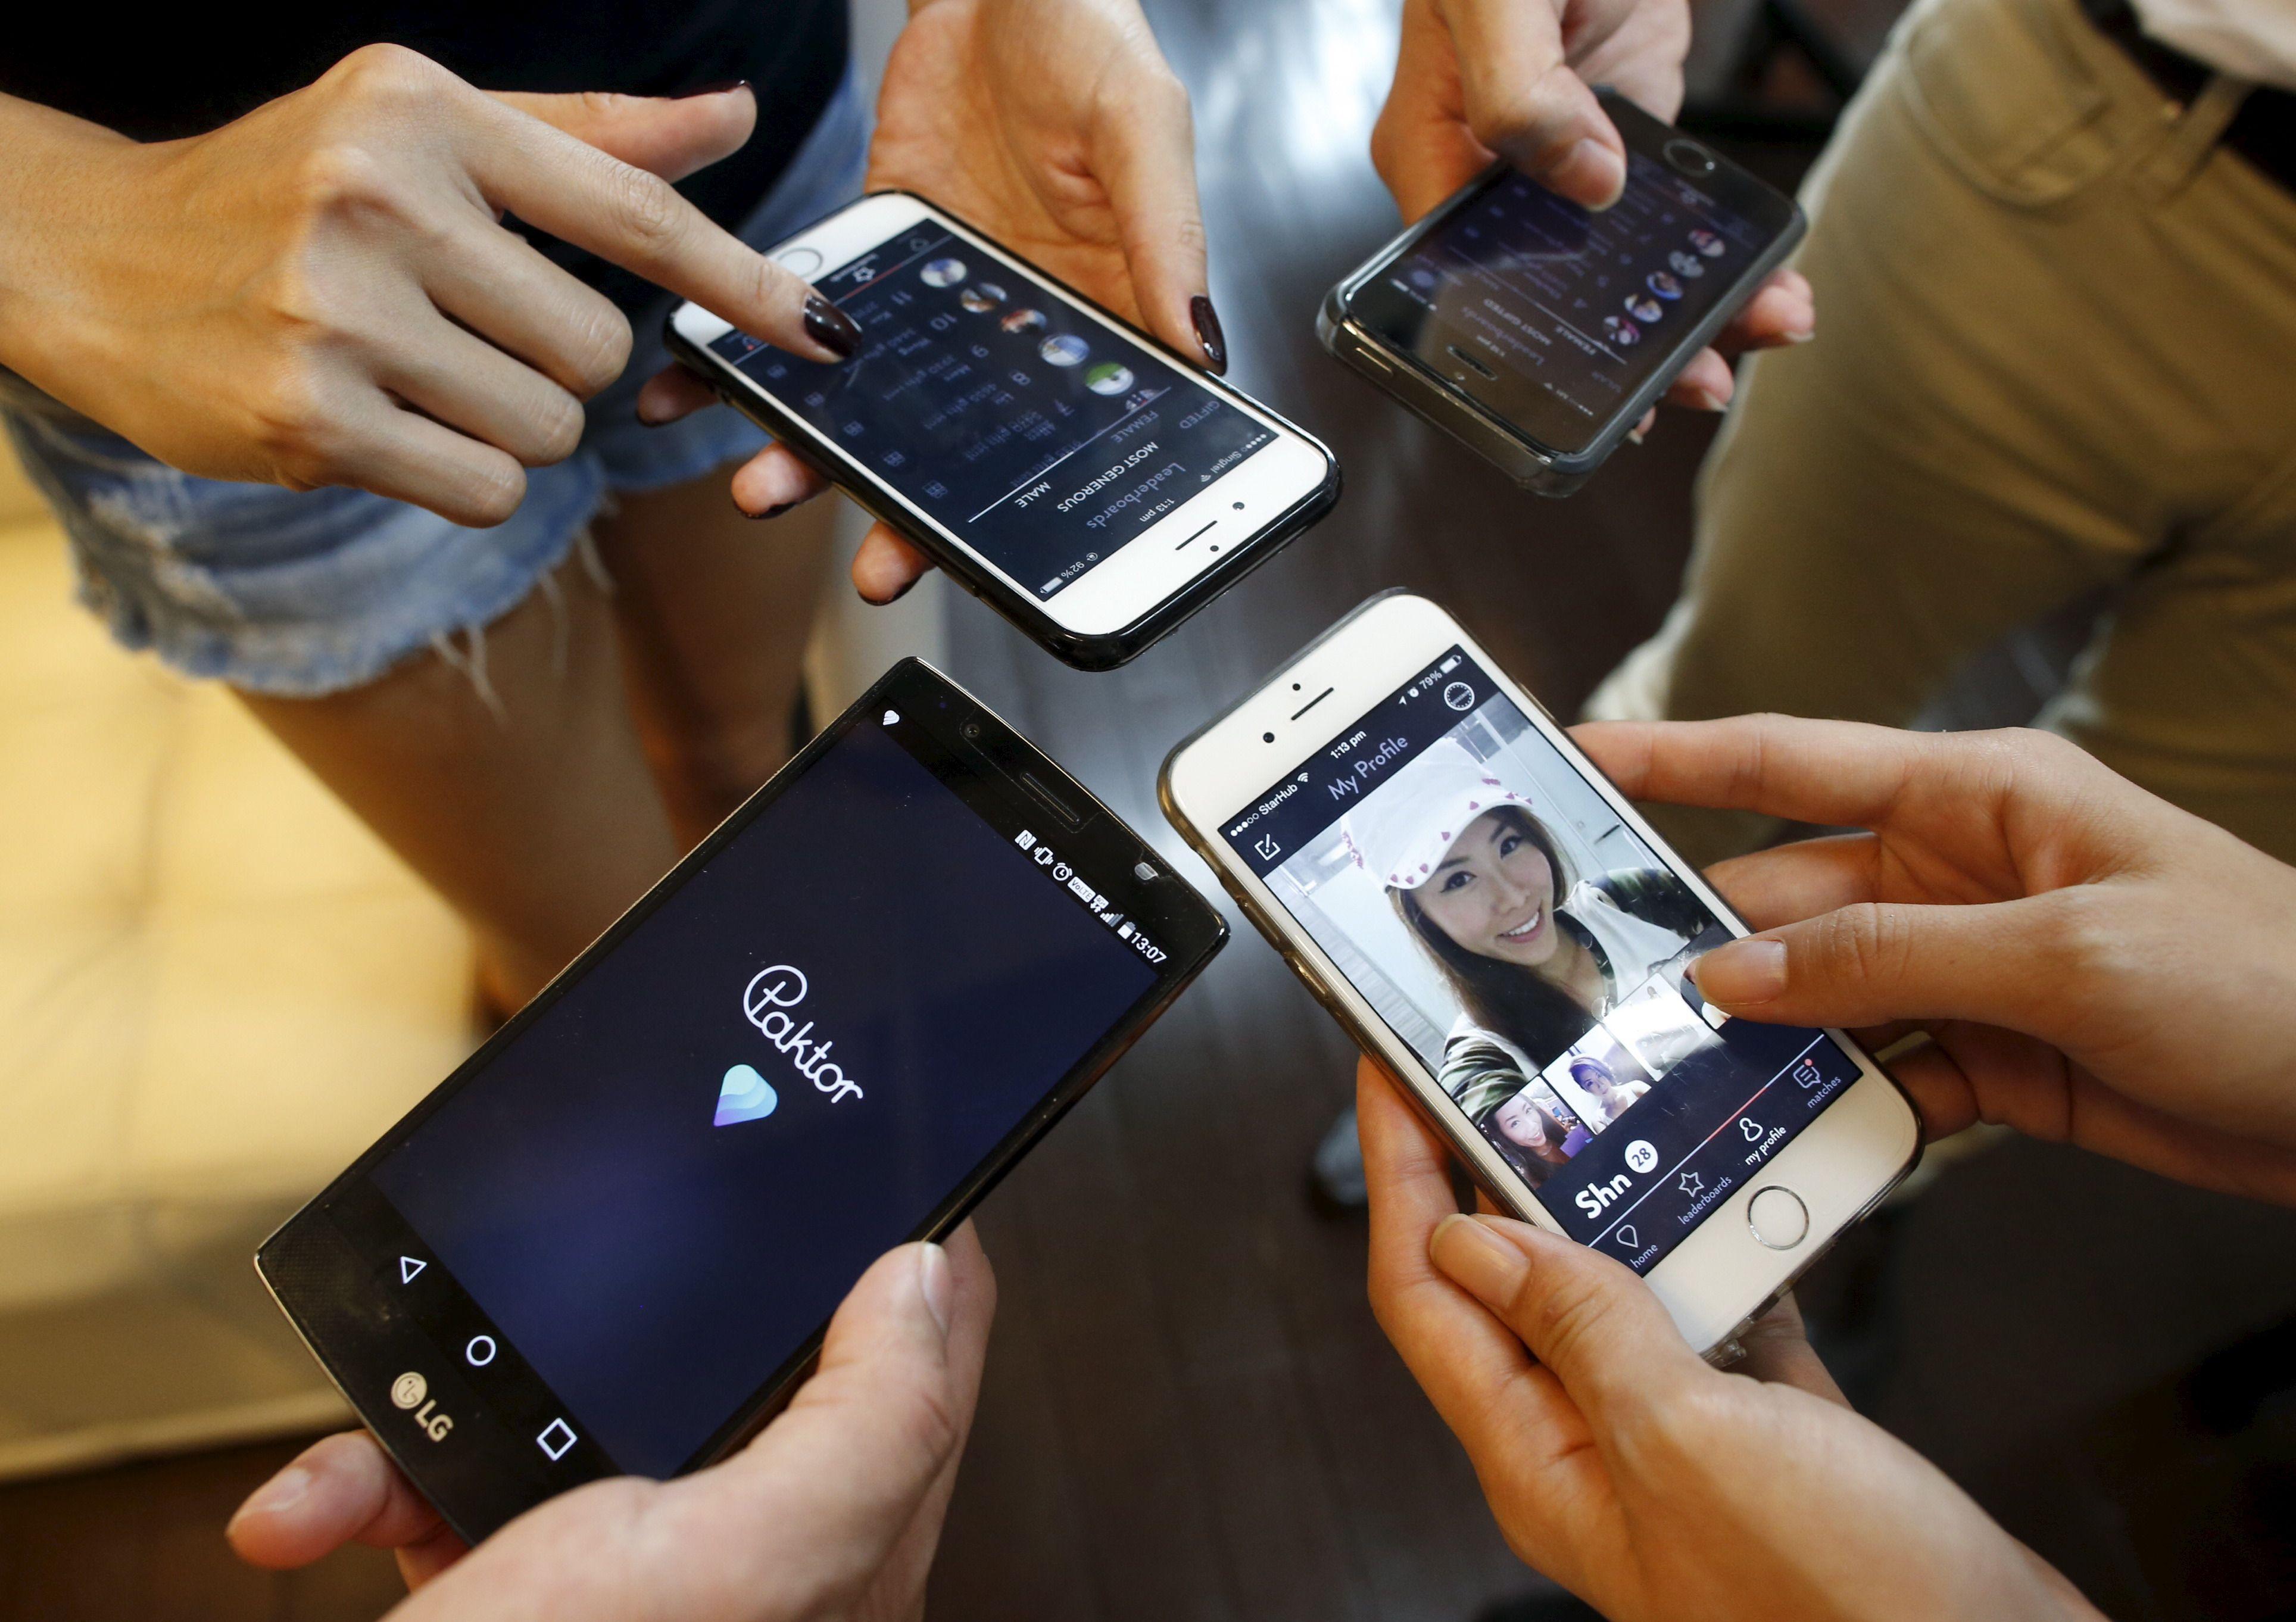 L'intelligence artificielle veut désormais nous matcher sur Tinder : chronique de la fin de toute spontanéité